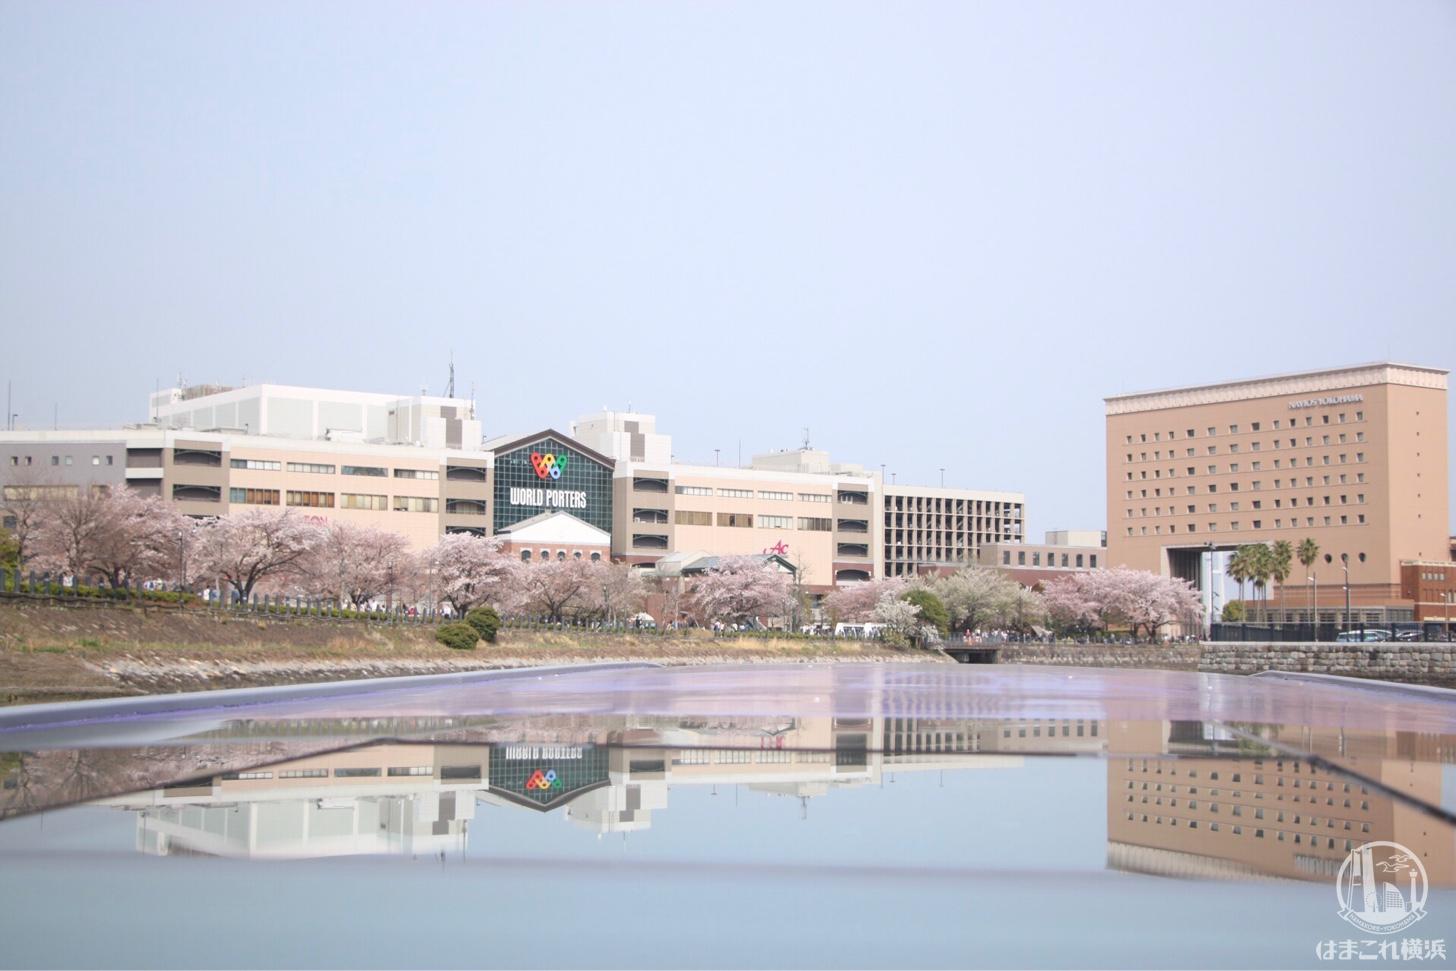 クルーズの帰り道に見た桜スポット・汽車道